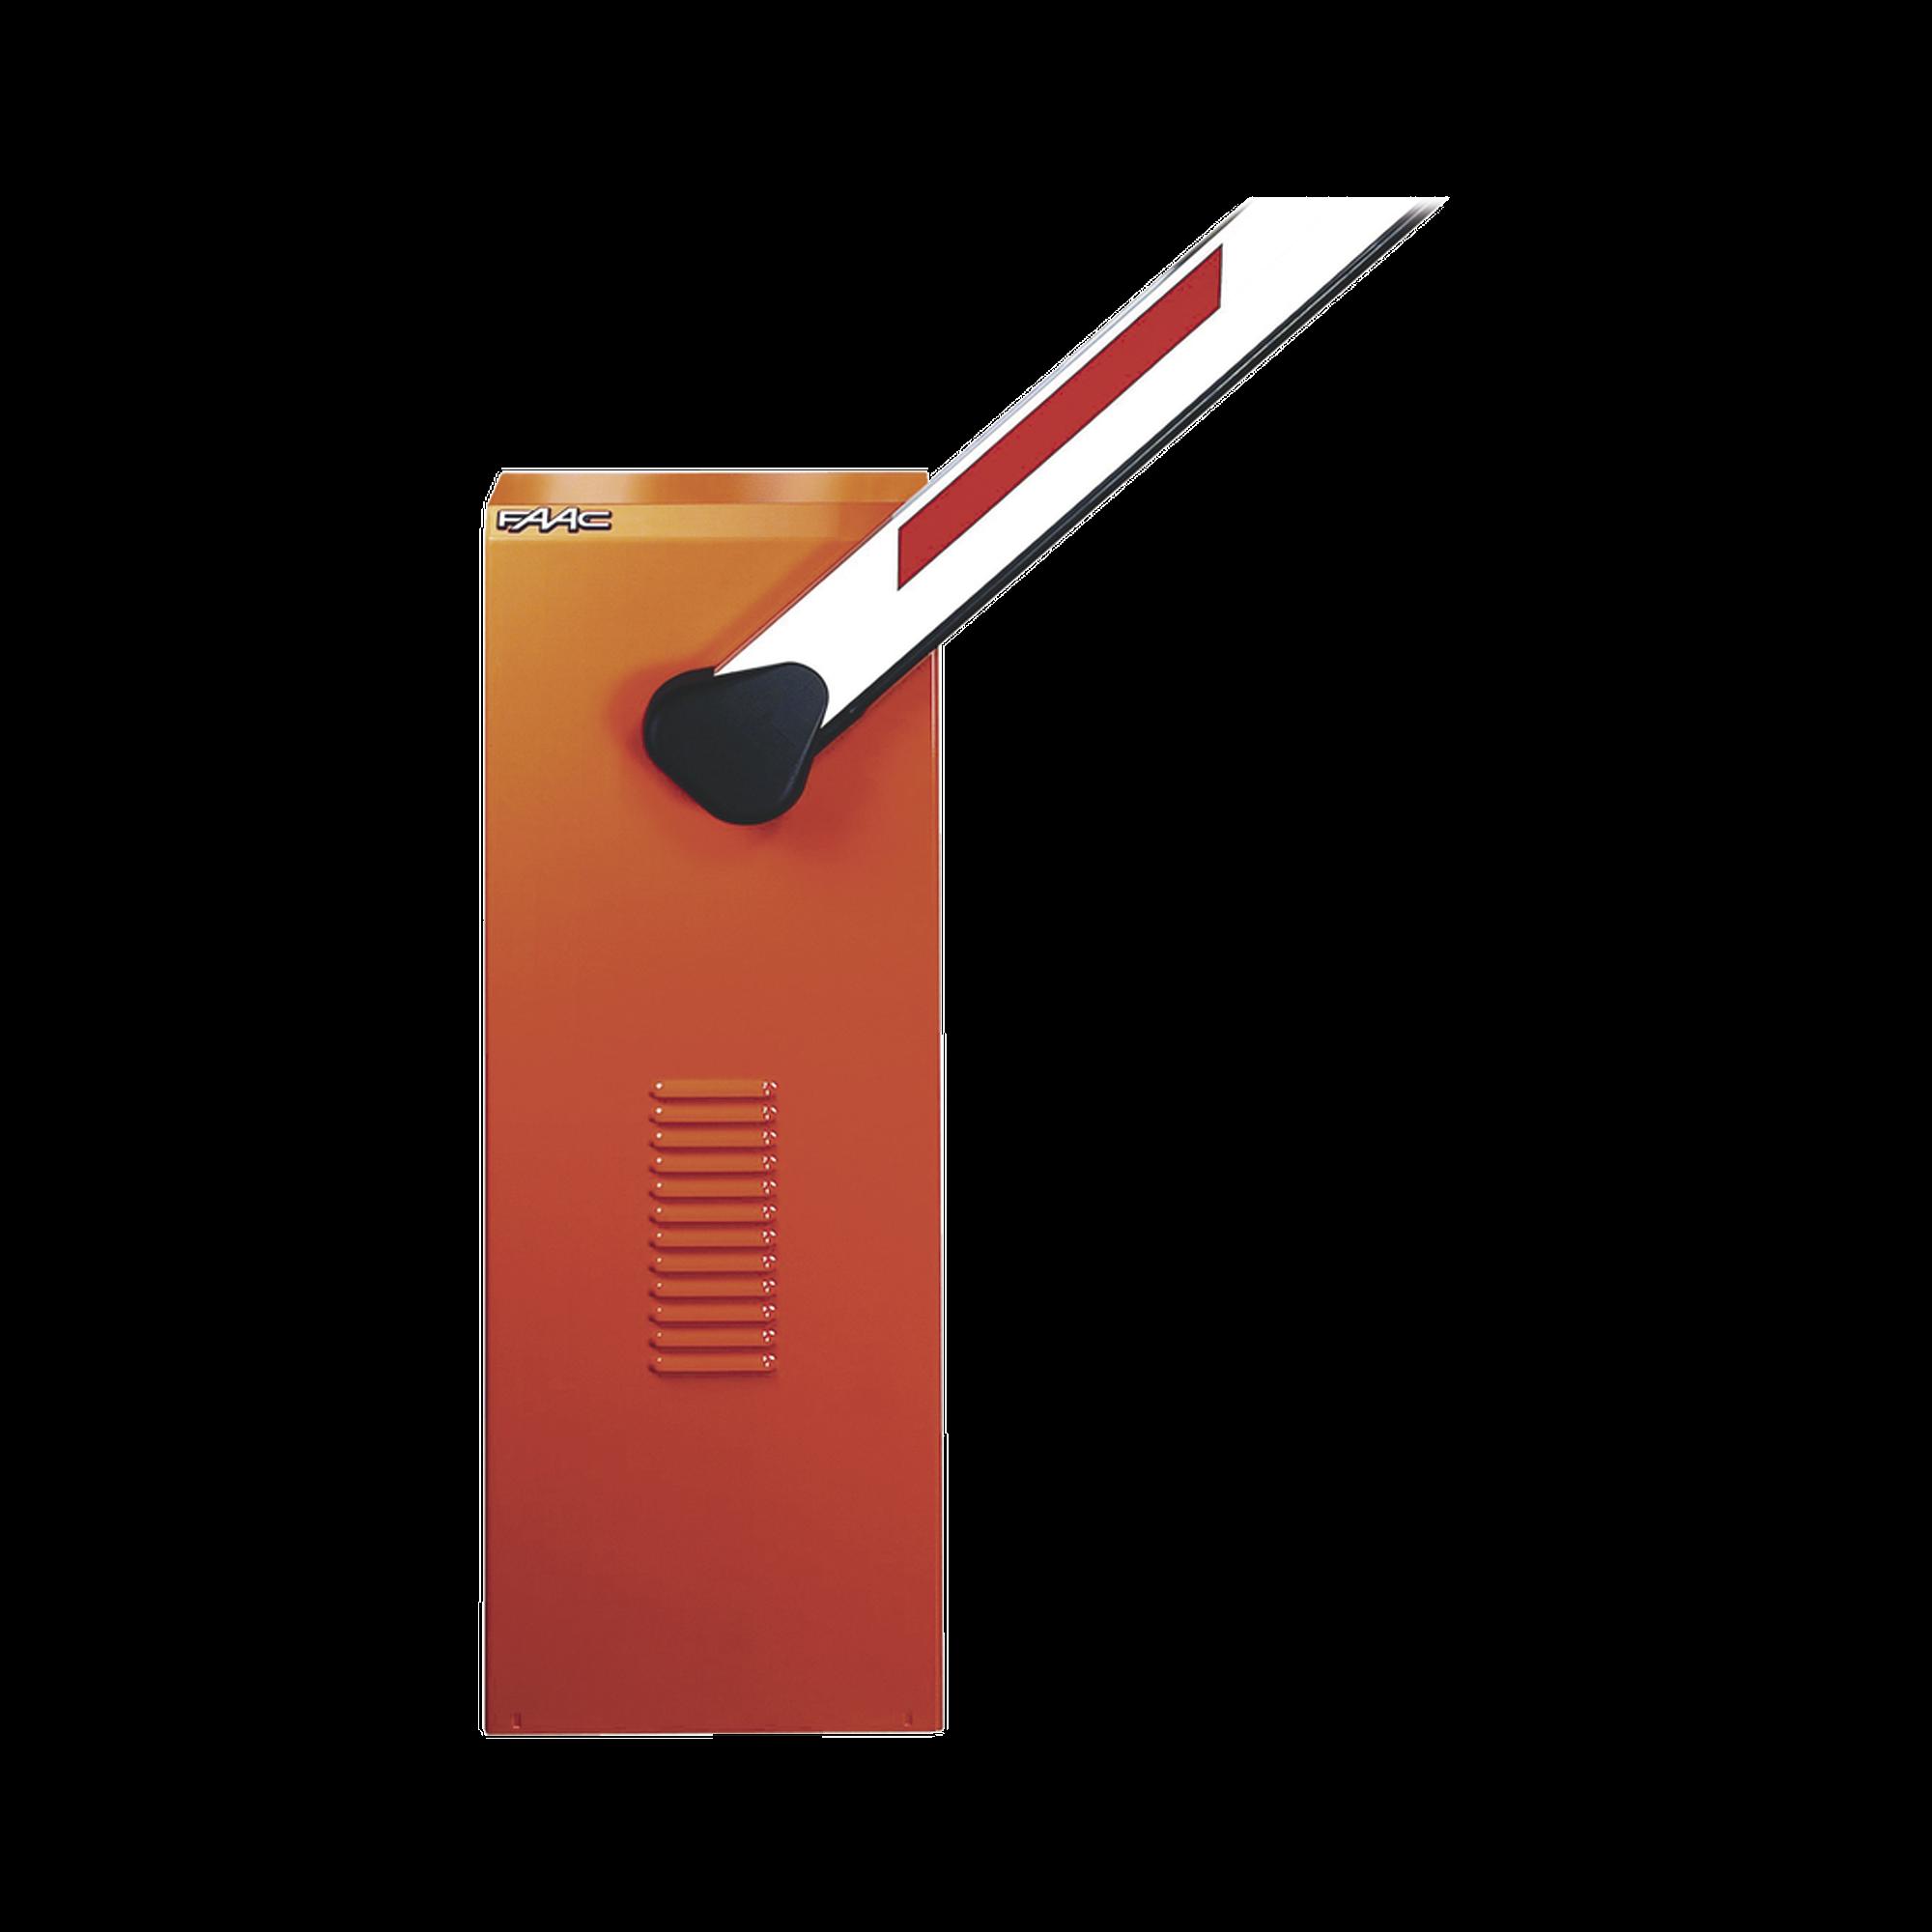 Kit de Barrera FAAC 620 RPD con Pluma Rectangular sin Iluminación / Equipo Hidráulico de Uso Intensivo / Hasta 2 Millones de Ciclos Antes de Presentar una Falla Severa